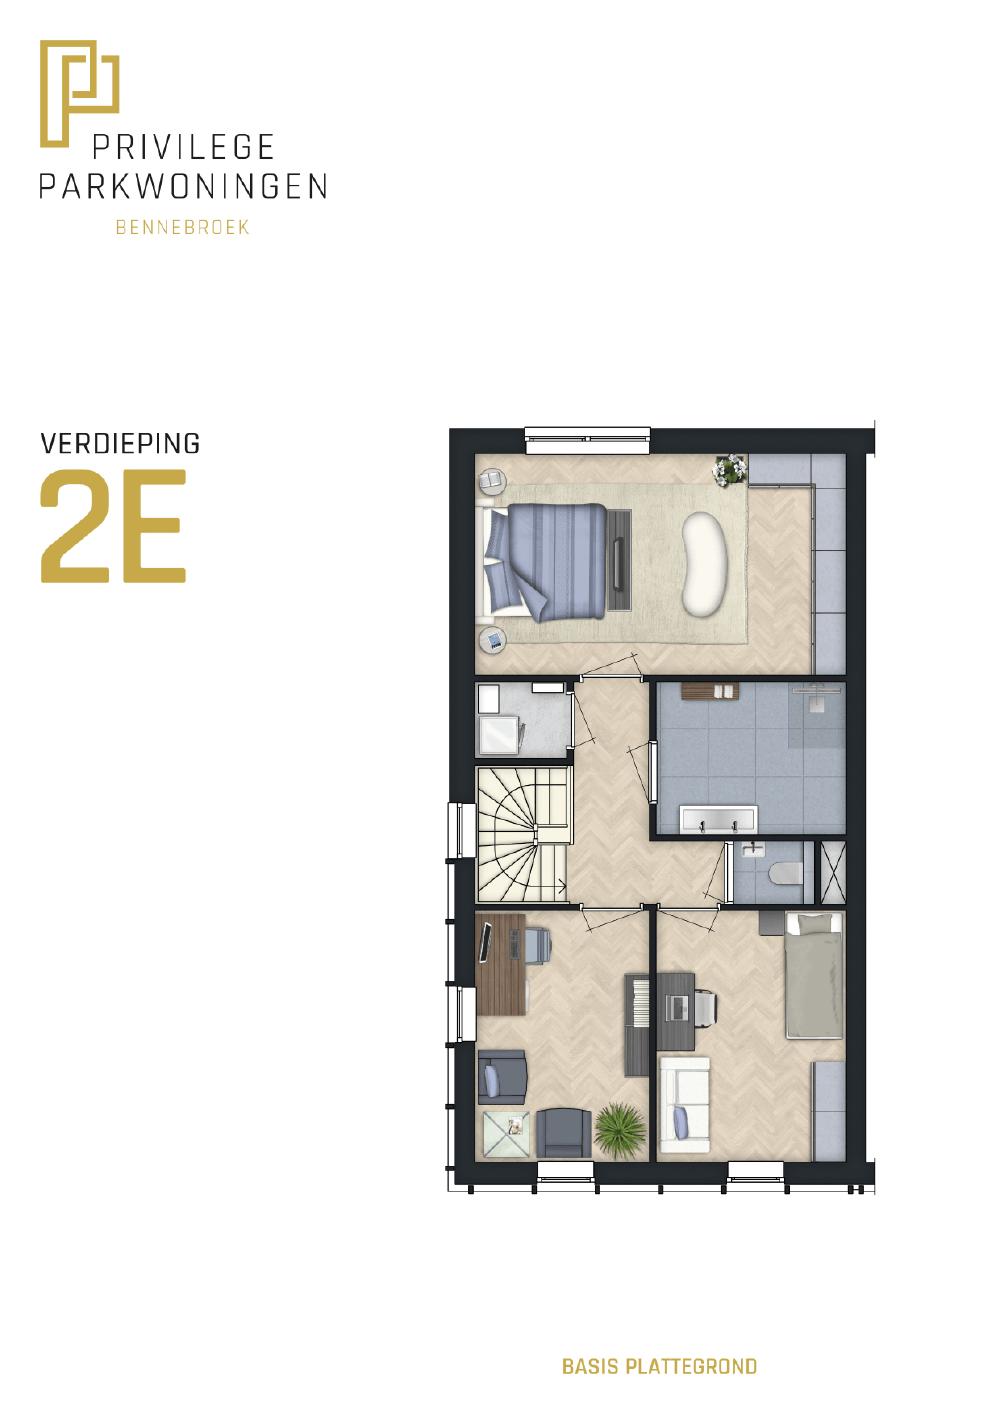 mvm-makelaardij-nieuwbouw-bennebroek-foto-plattegrond-4